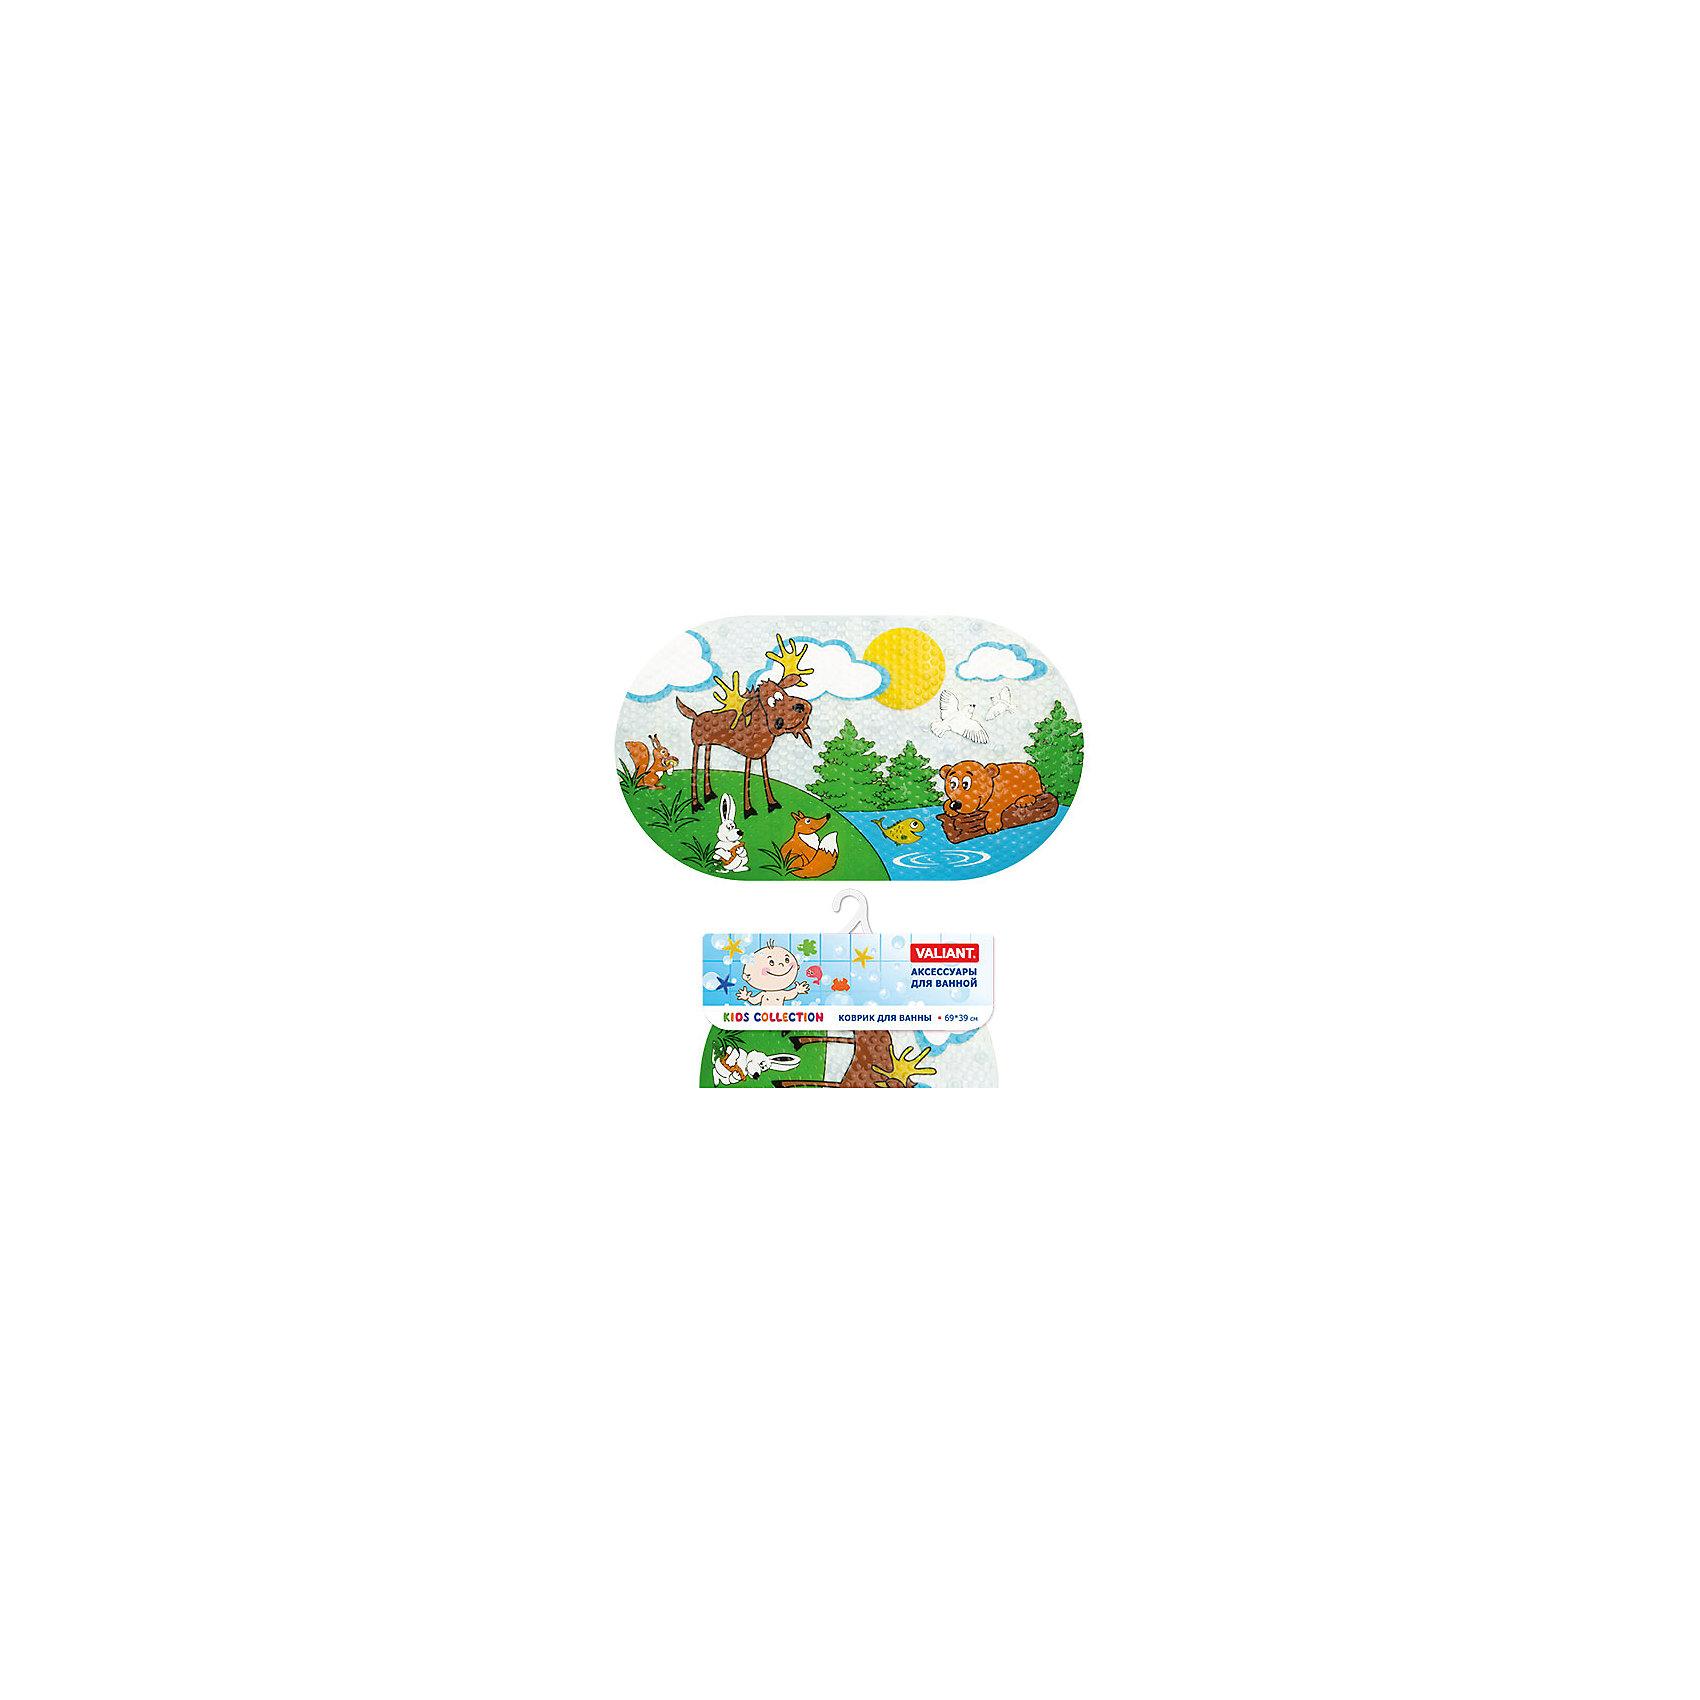 Коврик для ванны Лесные животные 69*39 смВанная комната<br>Коврик для ванны Лесные животные 69*39 см. украшен изображением веселых зеленых лягушат. Он идеально подходит для ванны и душа и обеспечивает надежную защиту от скольжения и падения во время водных процедур или на мокром полу ванной. Коврик хорошо прилегает к любой ровной поверхности с помощью множества присосок. Изделие выполнено из поливинилхлорида с антибактериальным покрытием, не содержащего вредных добавок и полностью безопасного для здоровья малыша. Его неоднородная рифлёная поверхность обладает массажным эффектом и способствует развитию моторики. Оригинальная овальная форма и приятная цветовая гамма оживят интерьер и подарят хорошее настроение при купании.<br><br>Дополнительная информация: <br><br>- возраст: от 1 года.<br>- материал: поливинилхлорид с антибактериальными добавками.<br>- размер: 69*39 см.<br>- вес: 525 гр.<br><br>Коврик для ванны Лесные животные 69*39 см можно купить в нашем интернет-магазине.<br><br>Ширина мм: 390<br>Глубина мм: 30<br>Высота мм: 760<br>Вес г: 541<br>Возраст от месяцев: -2147483648<br>Возраст до месяцев: 2147483647<br>Пол: Унисекс<br>Возраст: Детский<br>SKU: 4563356